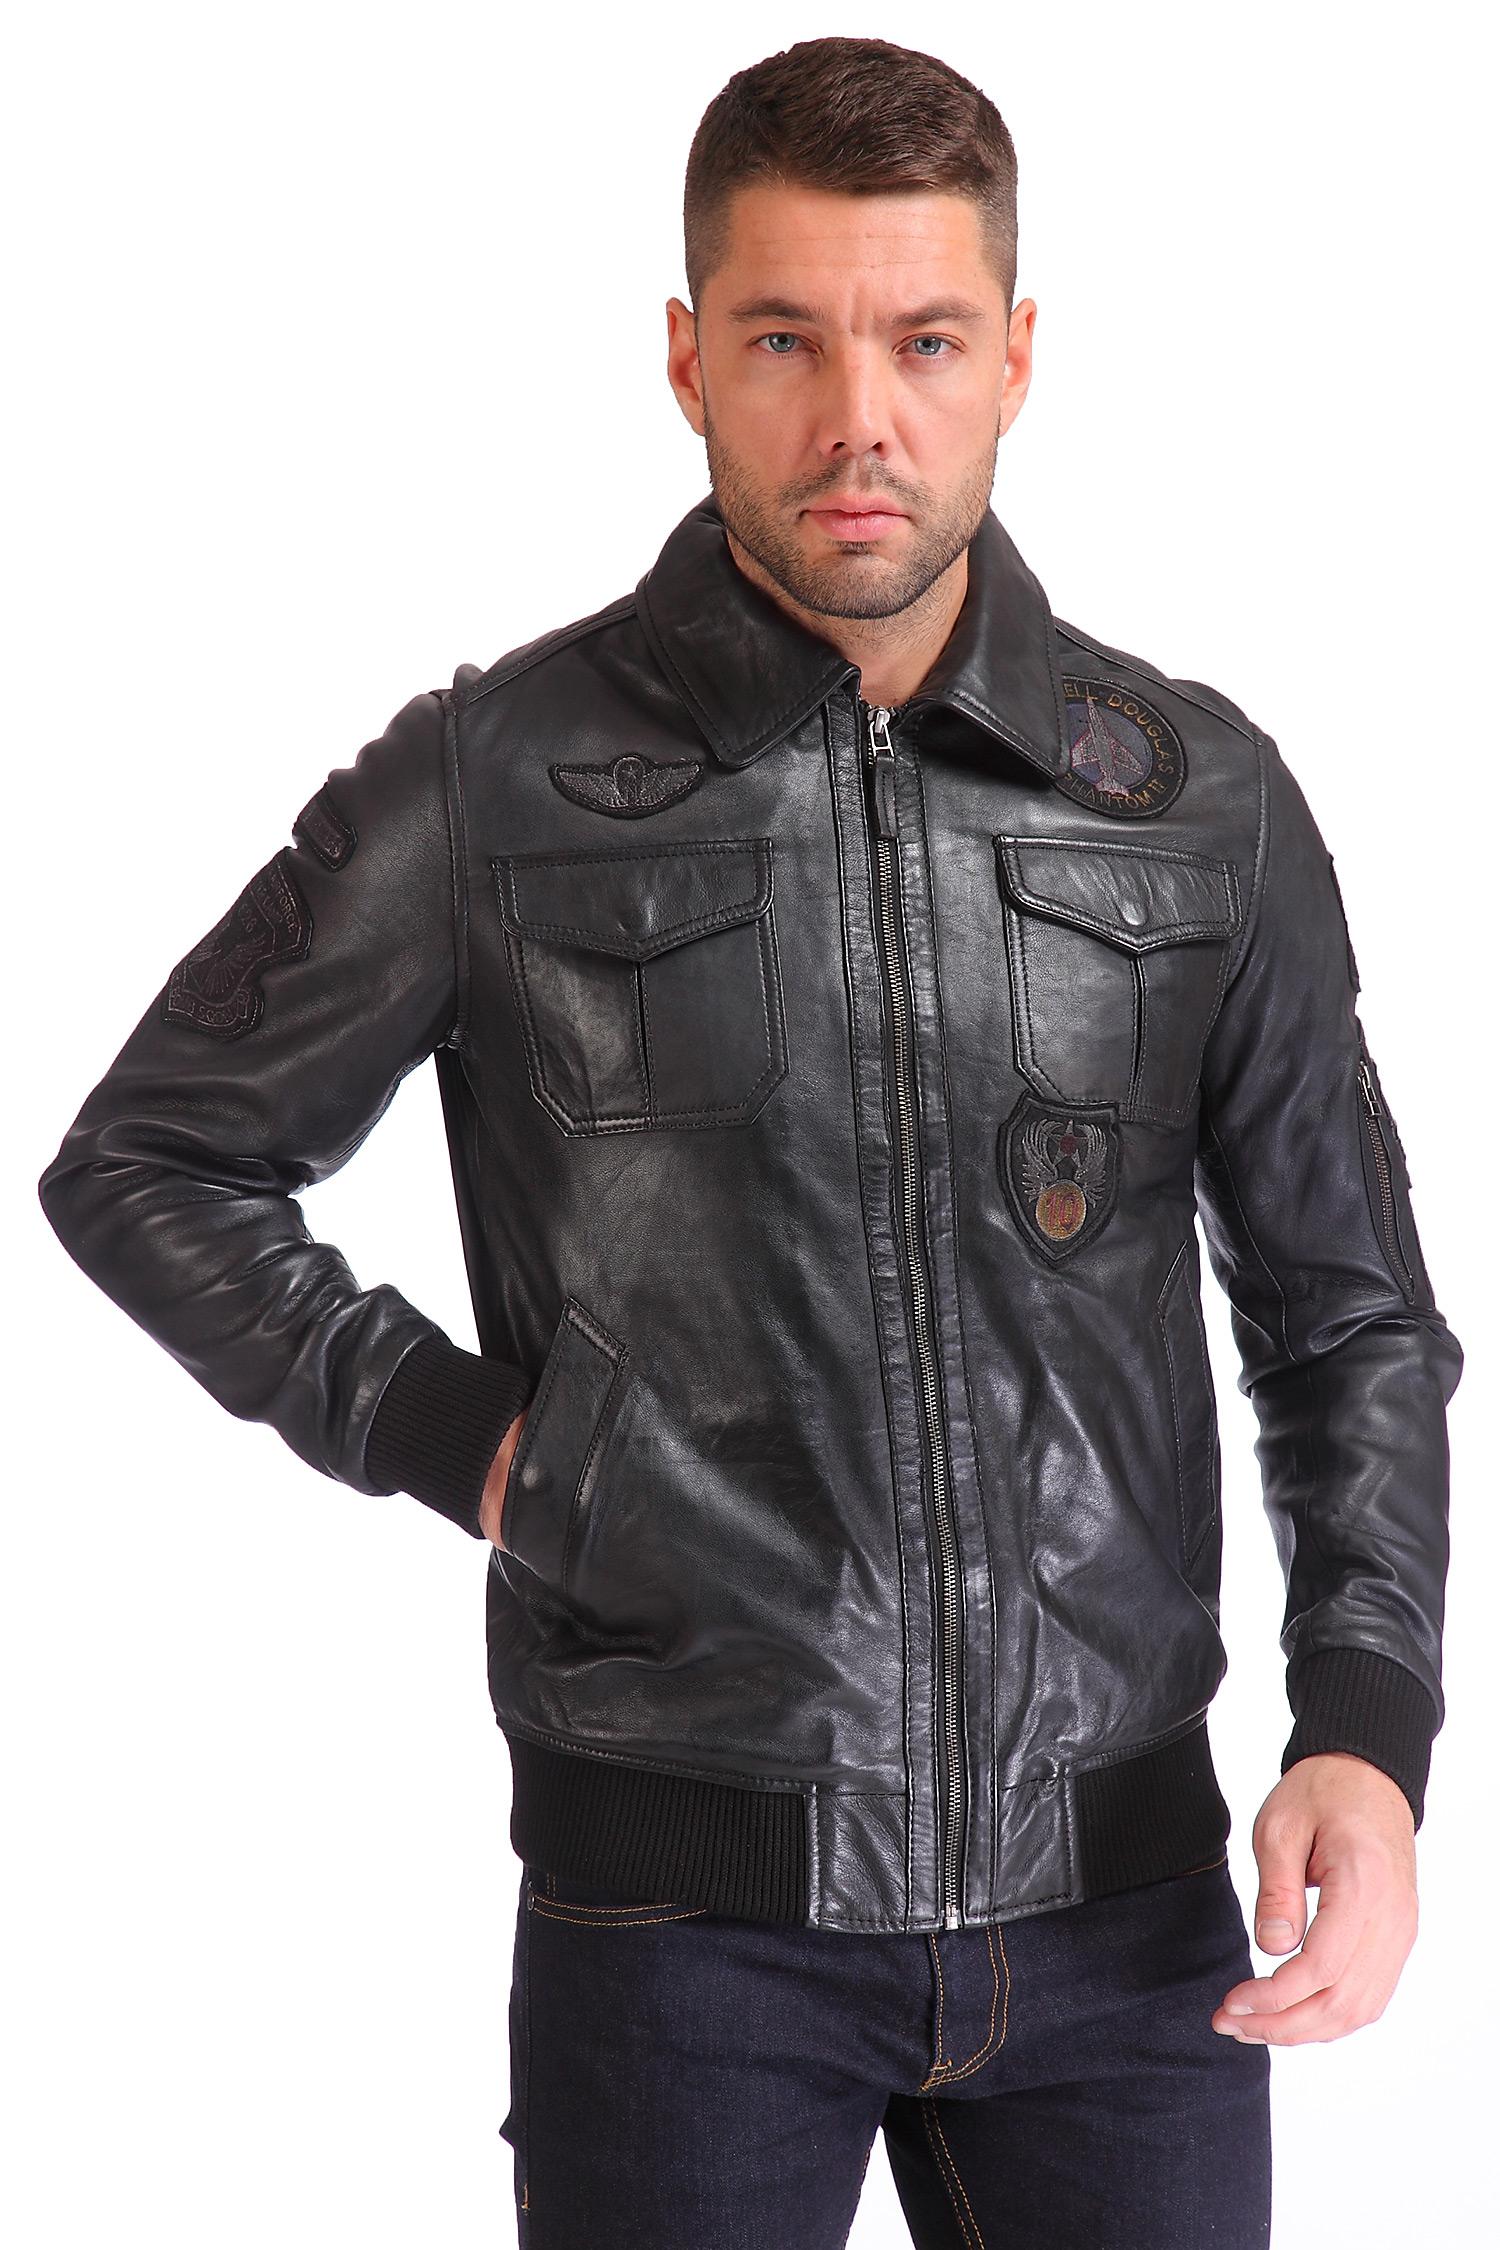 Мужская кожаная куртка из натуральной кожи<br><br>Воротник: отложной<br>Длина см: Короткая (51-74 )<br>Материал: Кожа овчина<br>Цвет: черный<br>Вид застежки: центральная<br>Застежка: на молнии<br>Пол: Мужской<br>Размер RU: 54